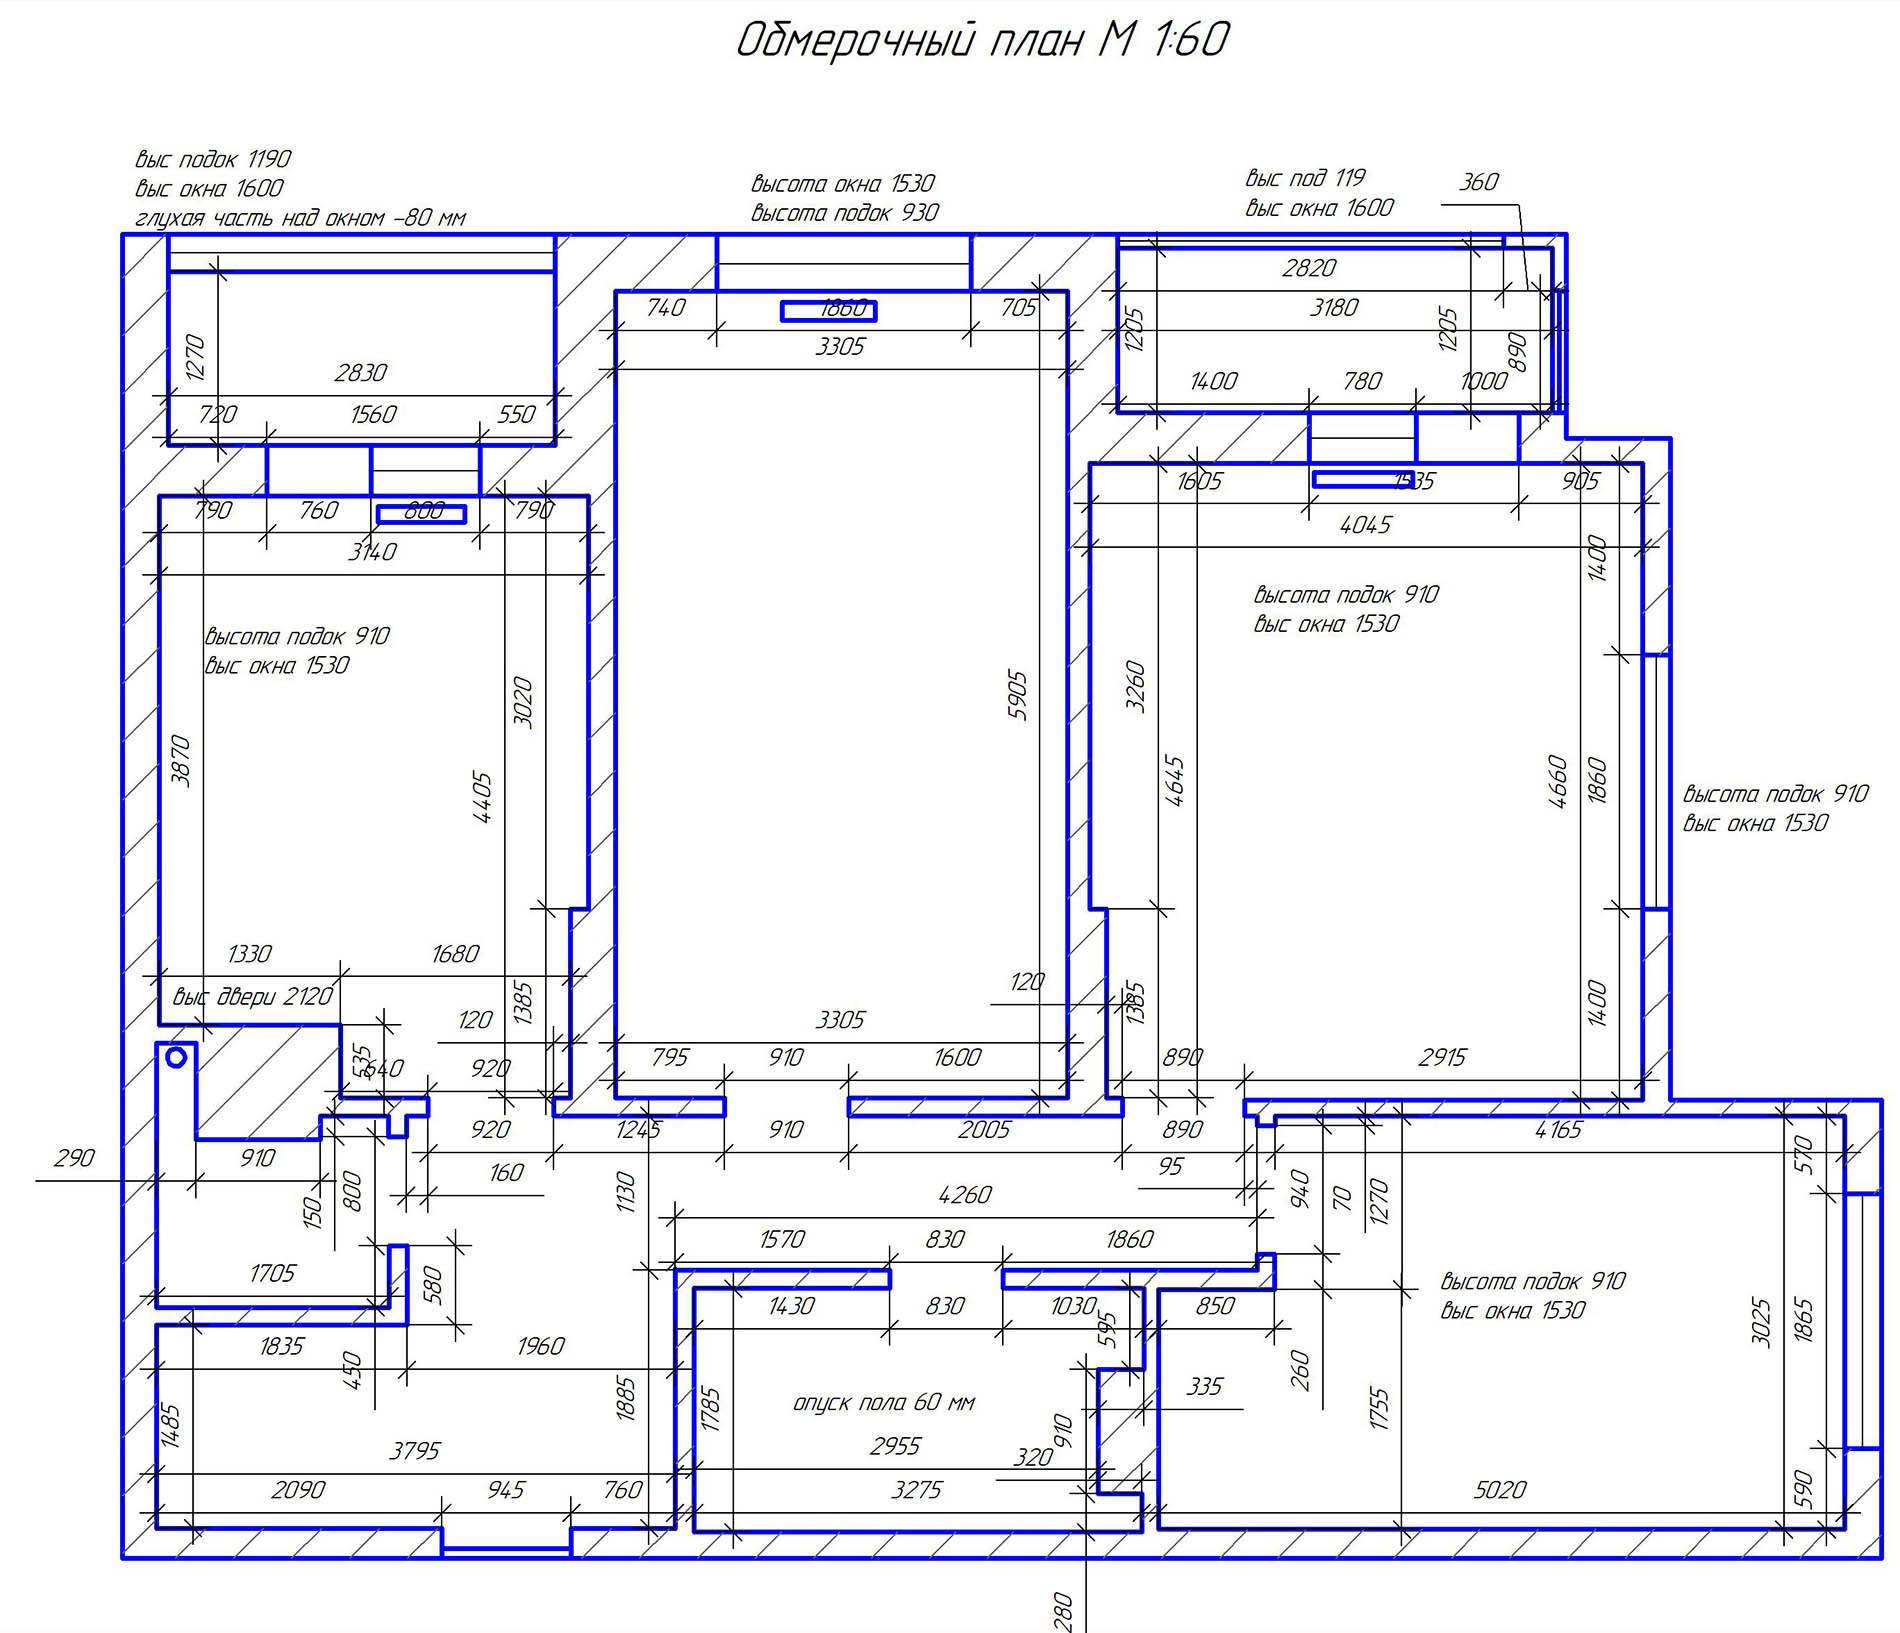 дизайн интерьера Квартиры Киев ЖК Малахит обмерочный план, план замеры квартиры